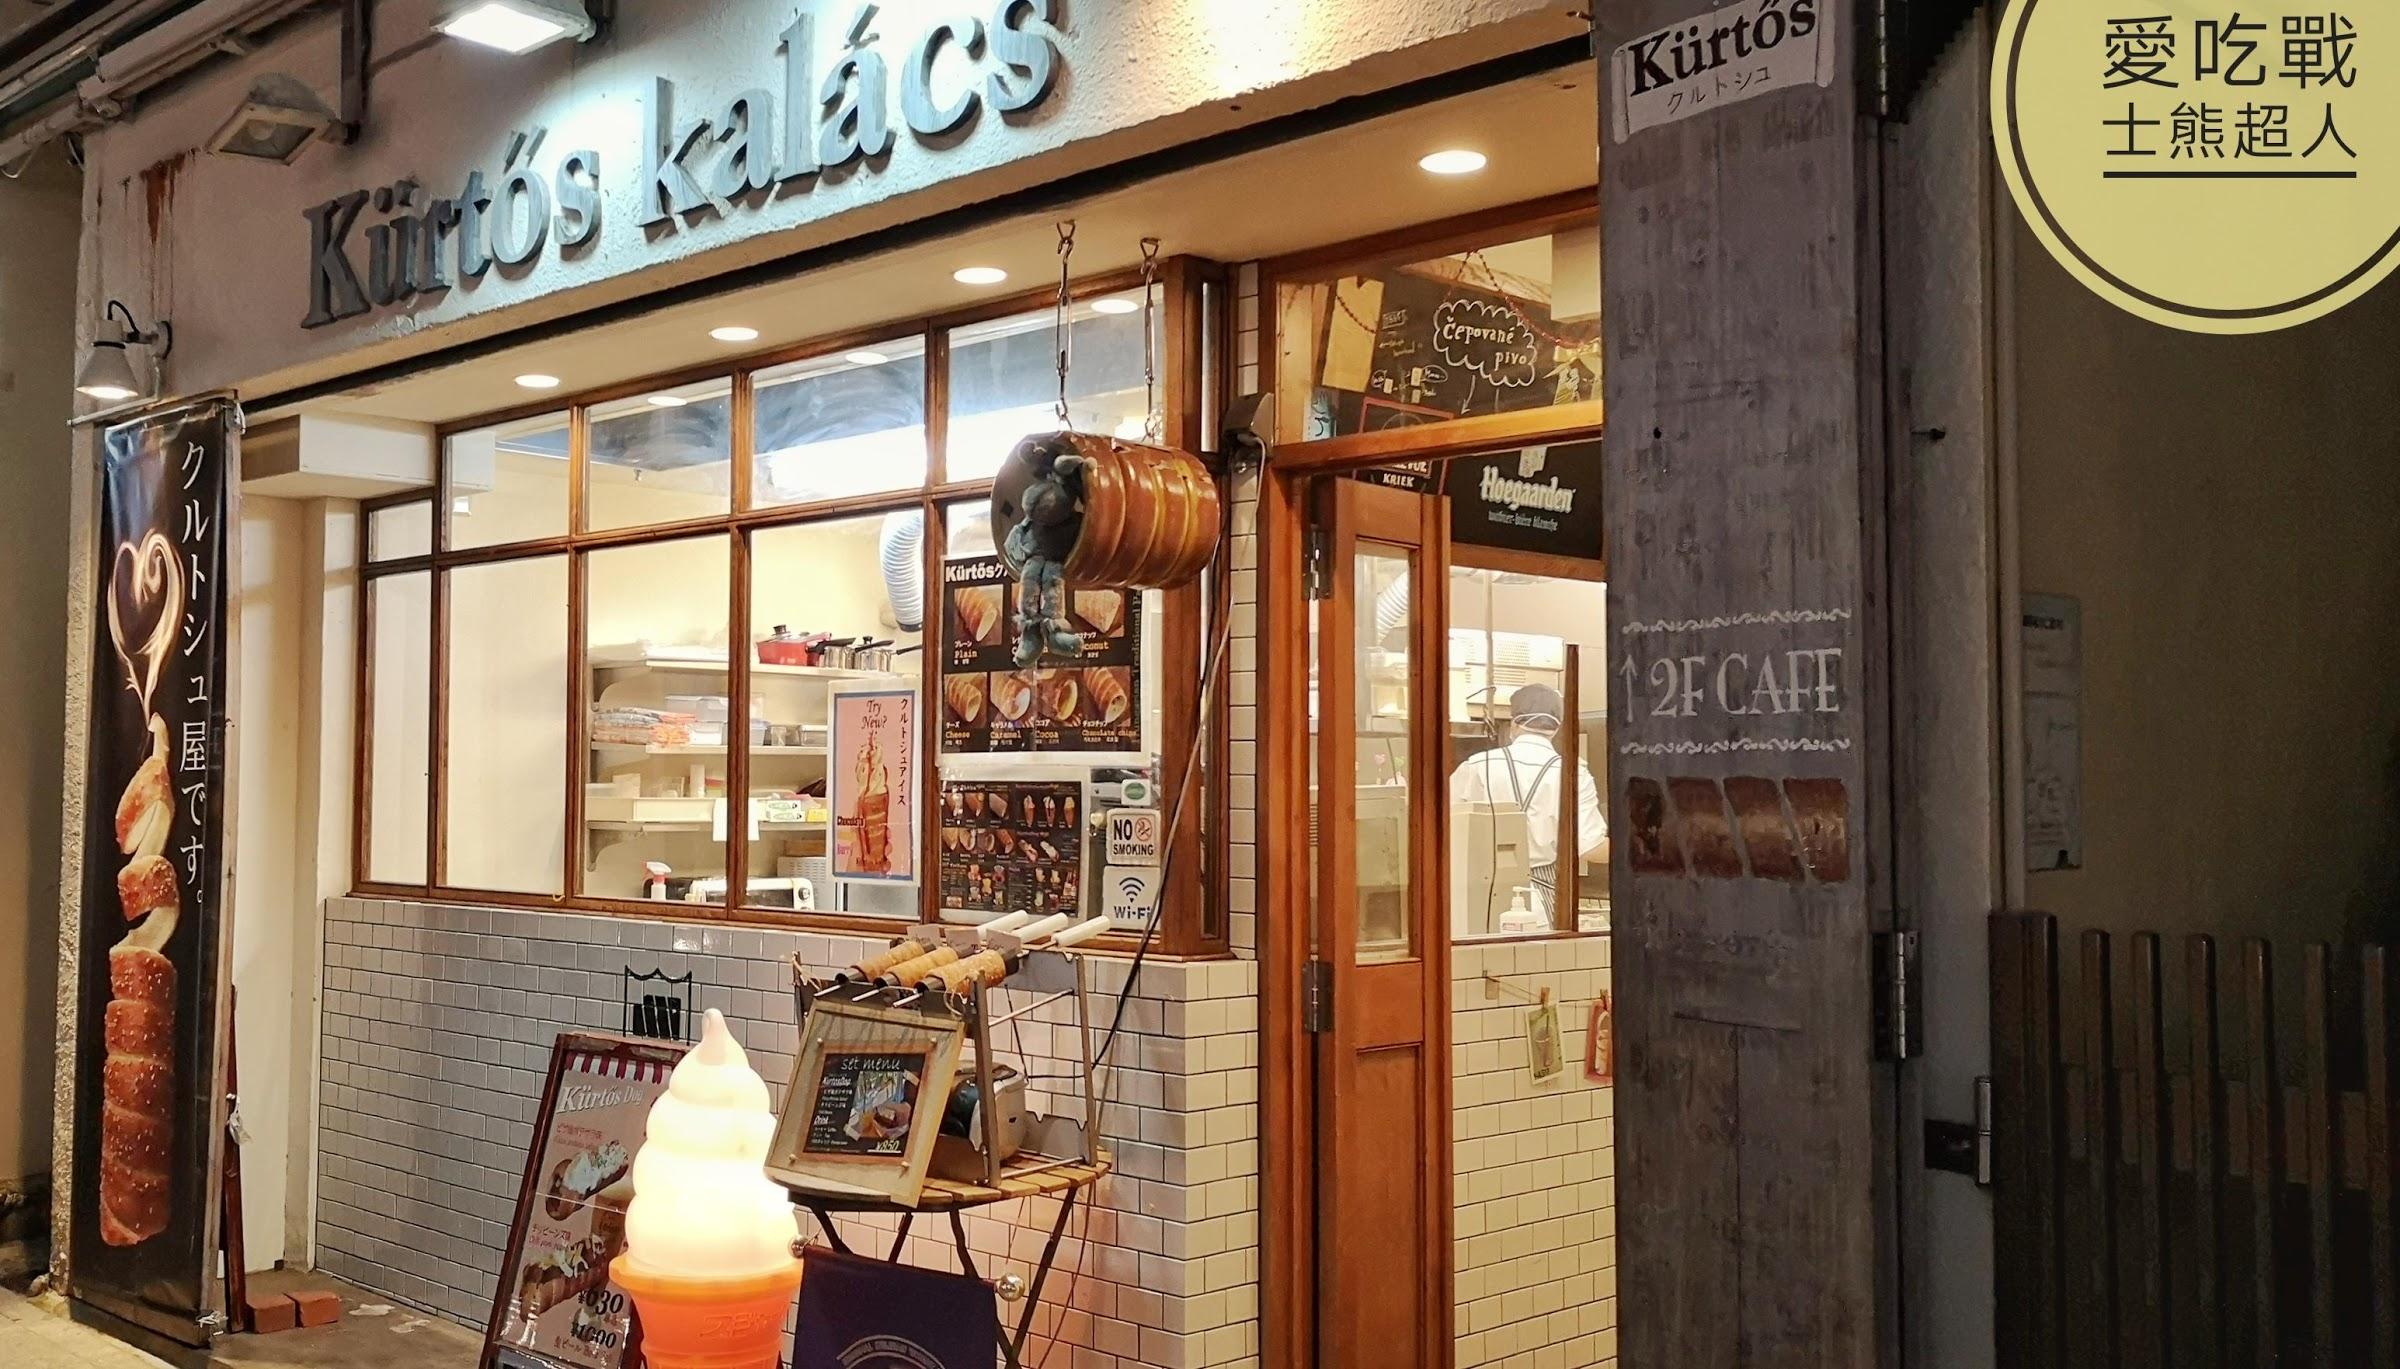 。沖繩 國際通。Kurtos Kalacs煙囪捲:在國際通遇見來自匈牙利的點心,新奇的好味道^^。